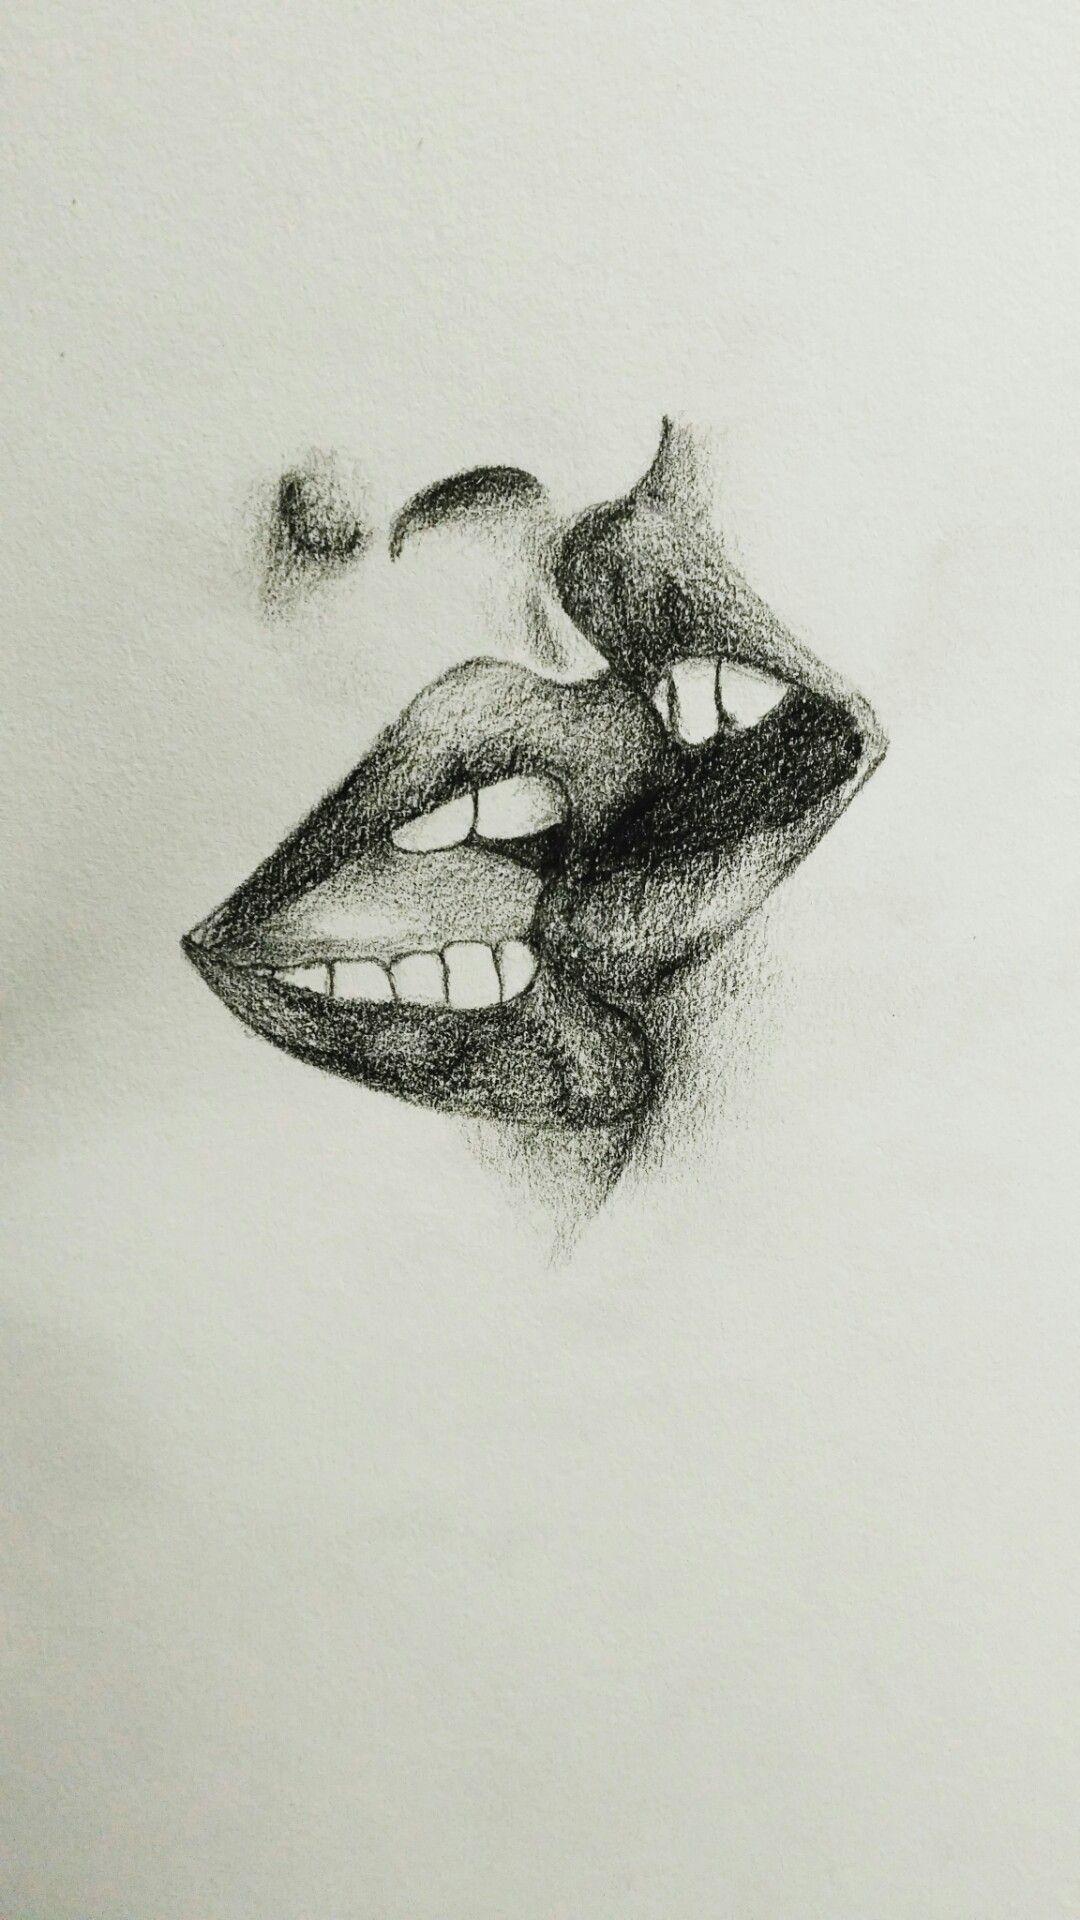 Resultado De Imagen De Tumblr Dibujos A Lapiz Love Dibujos